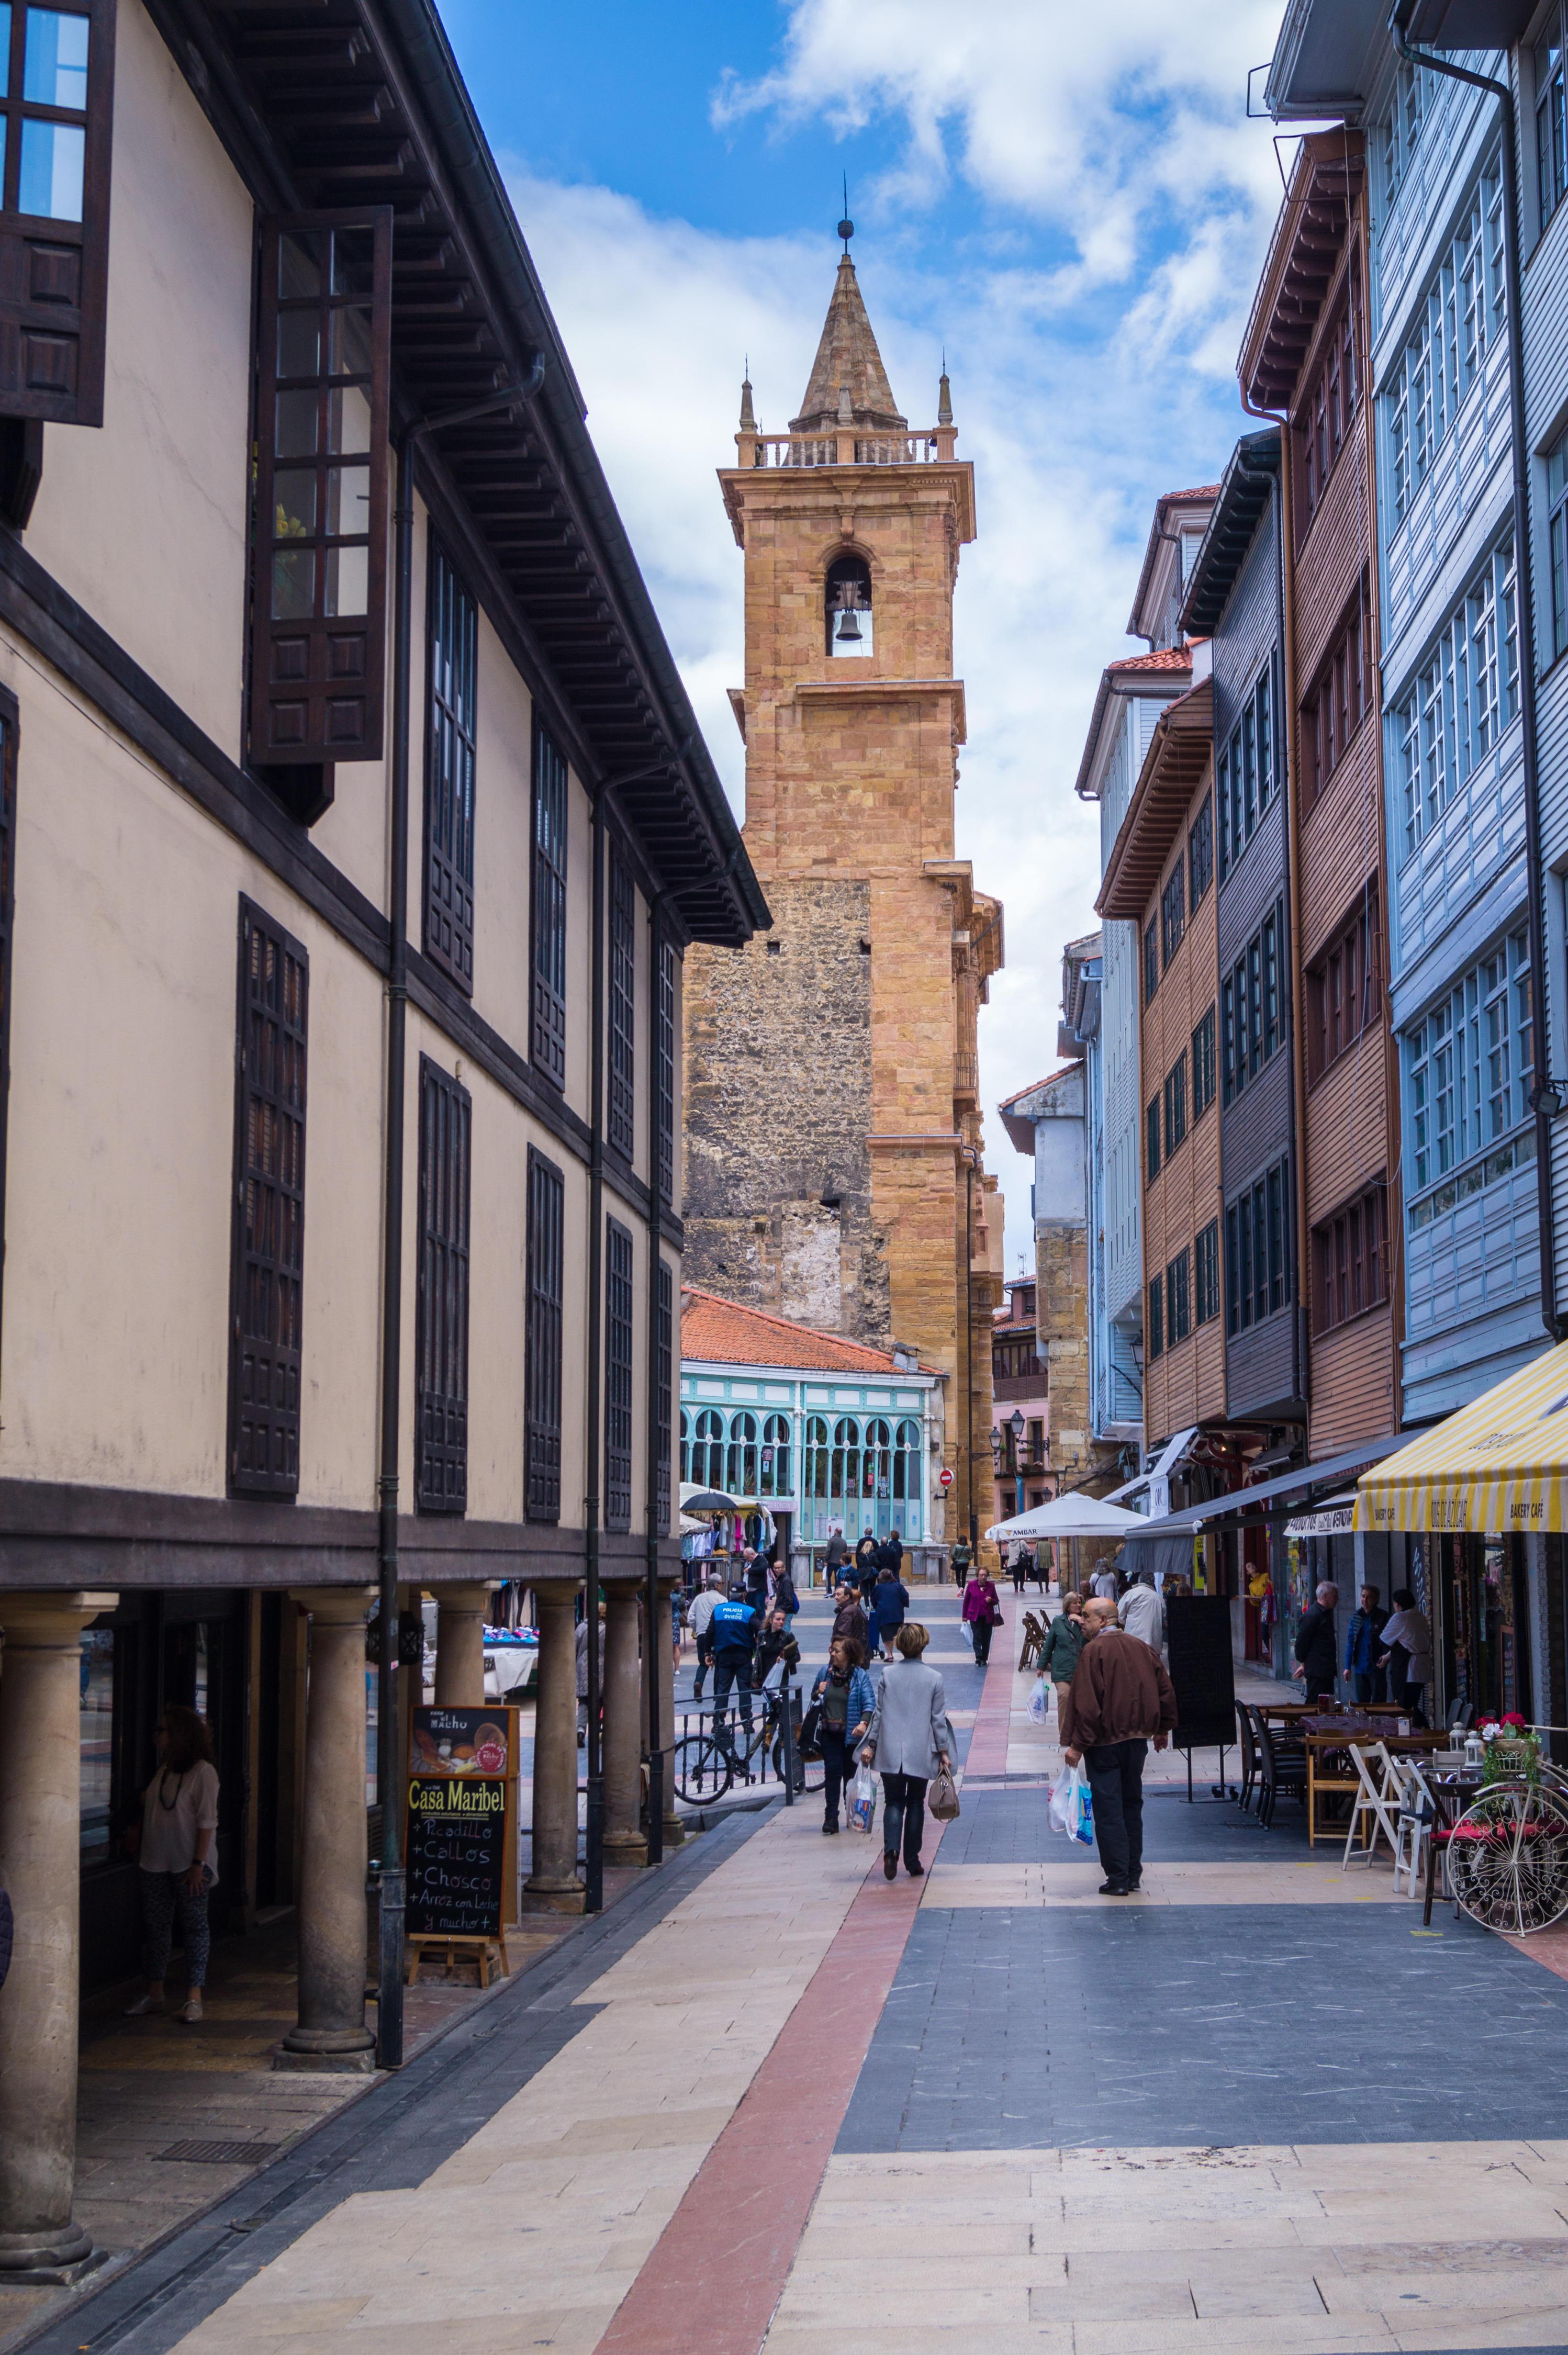 Church of San Isidoro, 1587, and Mercado Fontan, Plaza de la Consitucion, Oviedo, Asturias, Spain